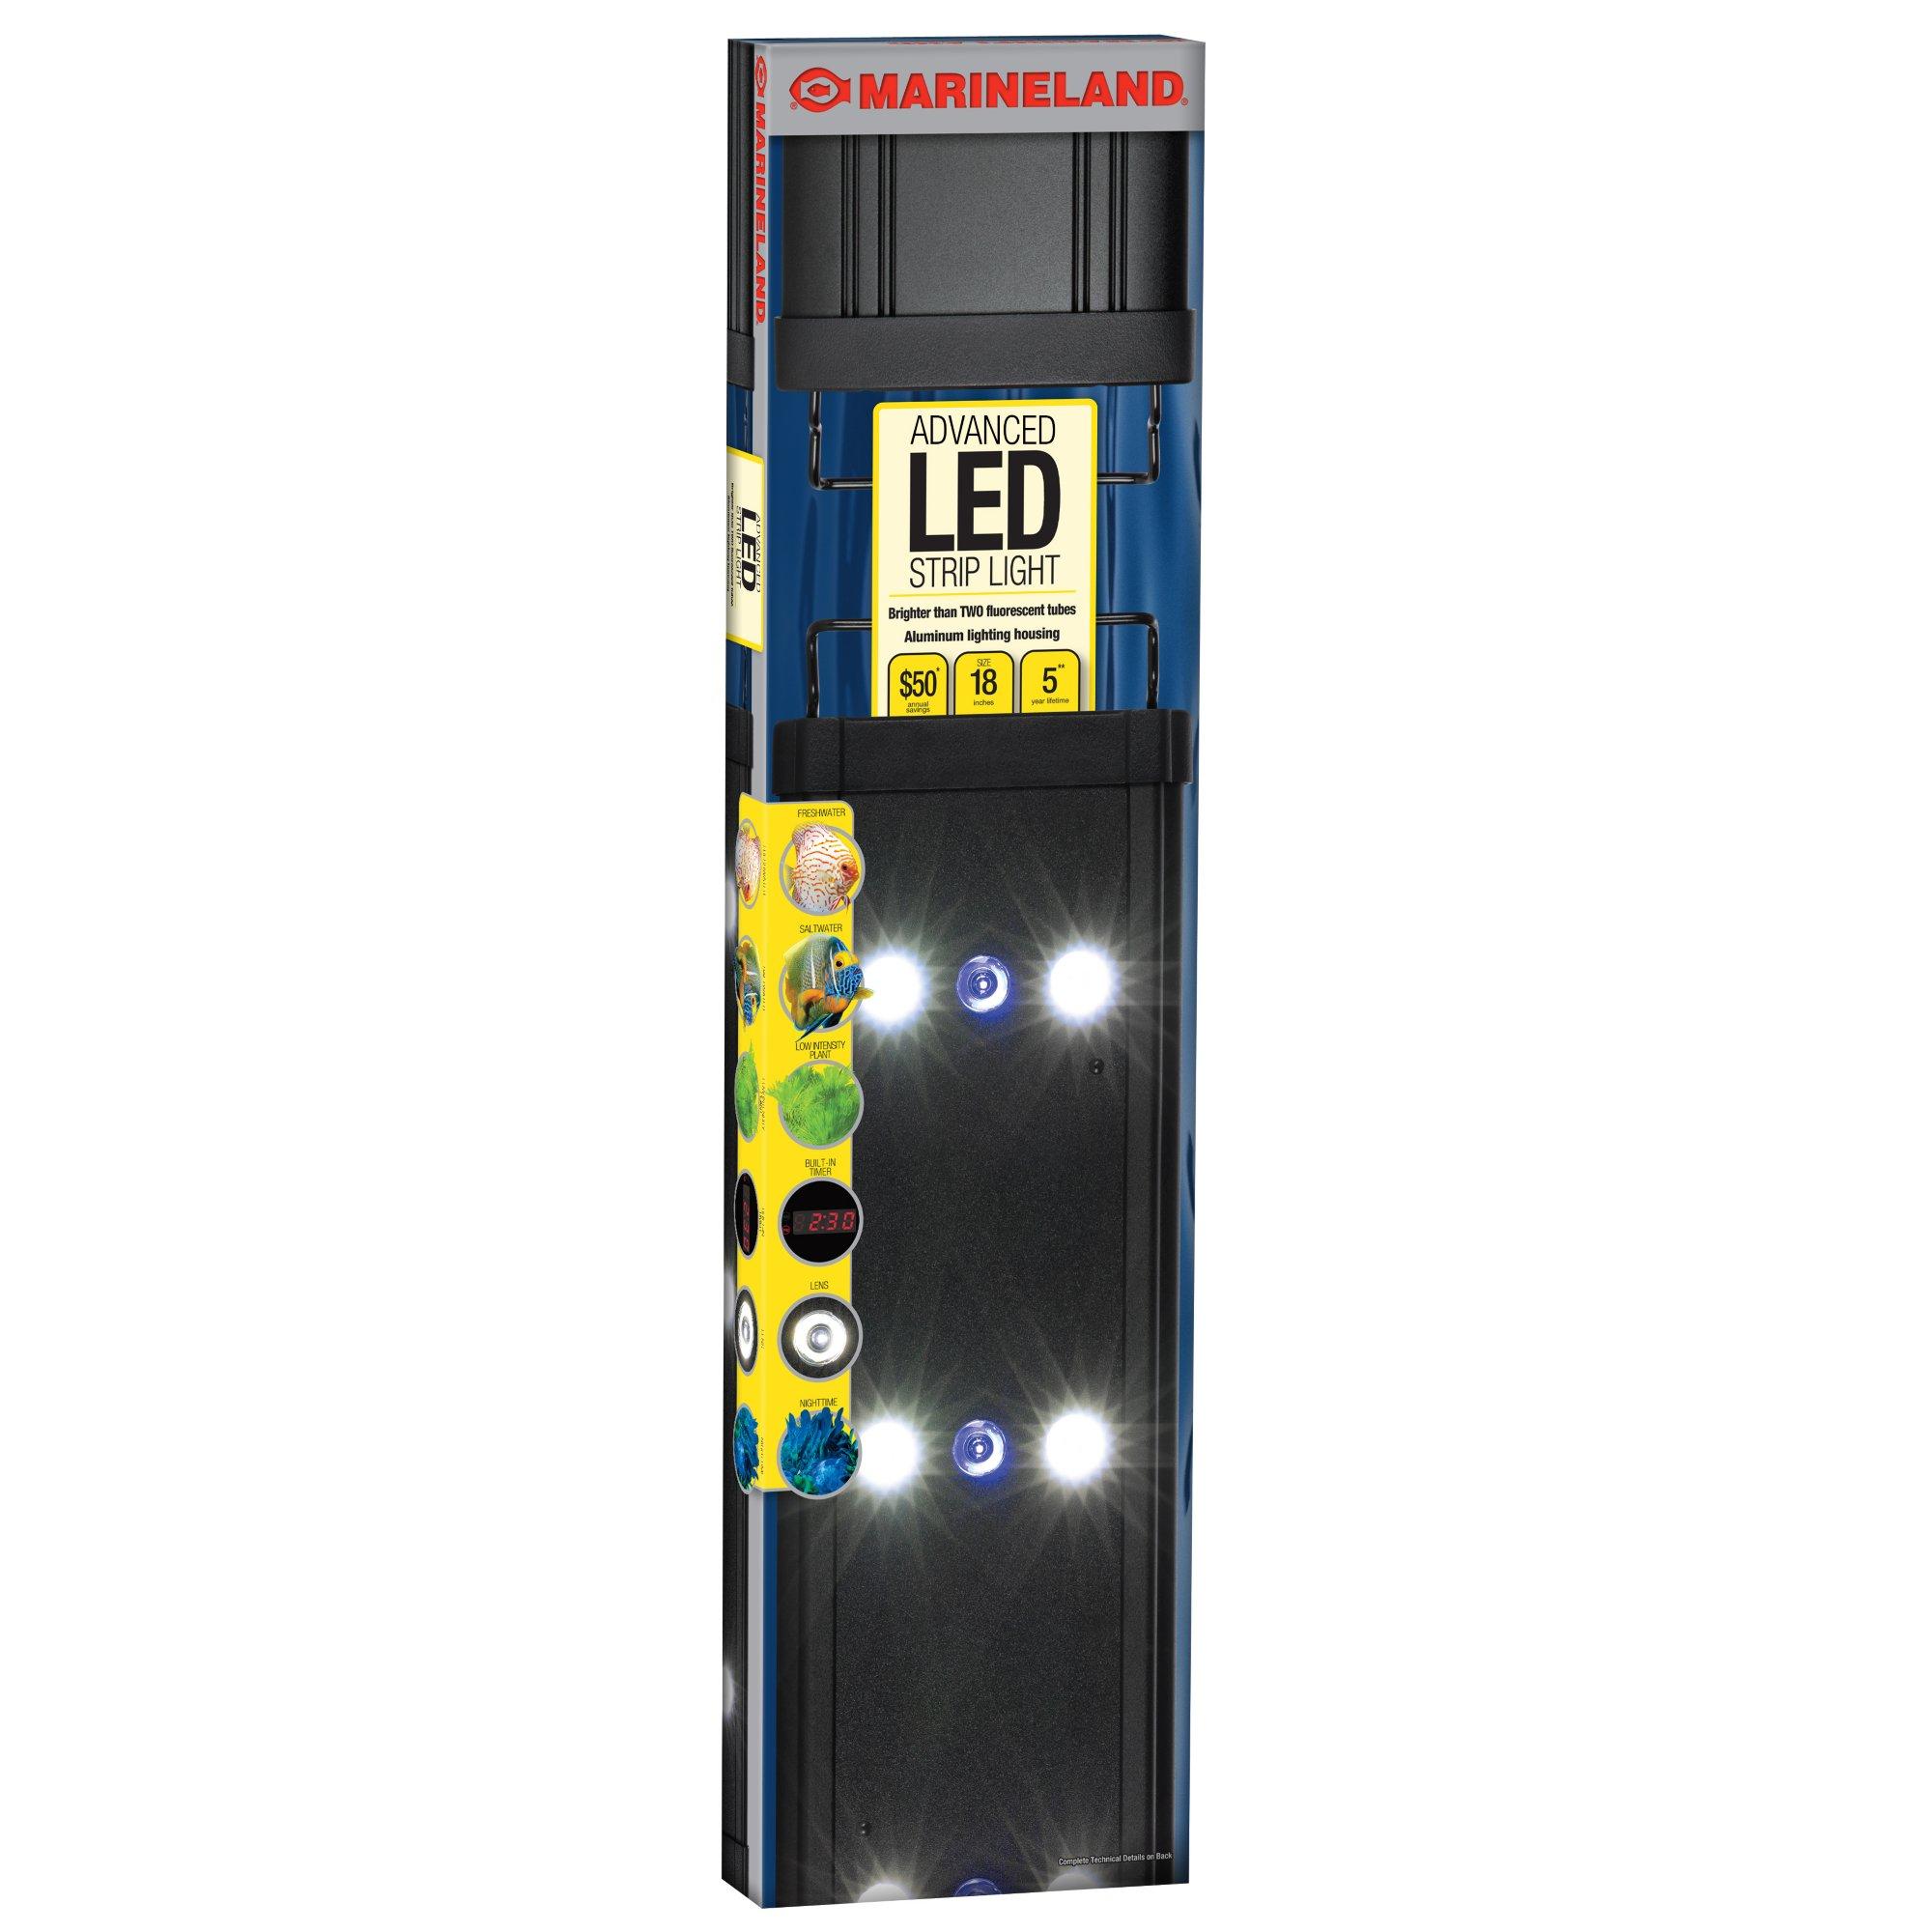 Marineland Advanced LED Aquarium Strip Light, 18 in | Petco